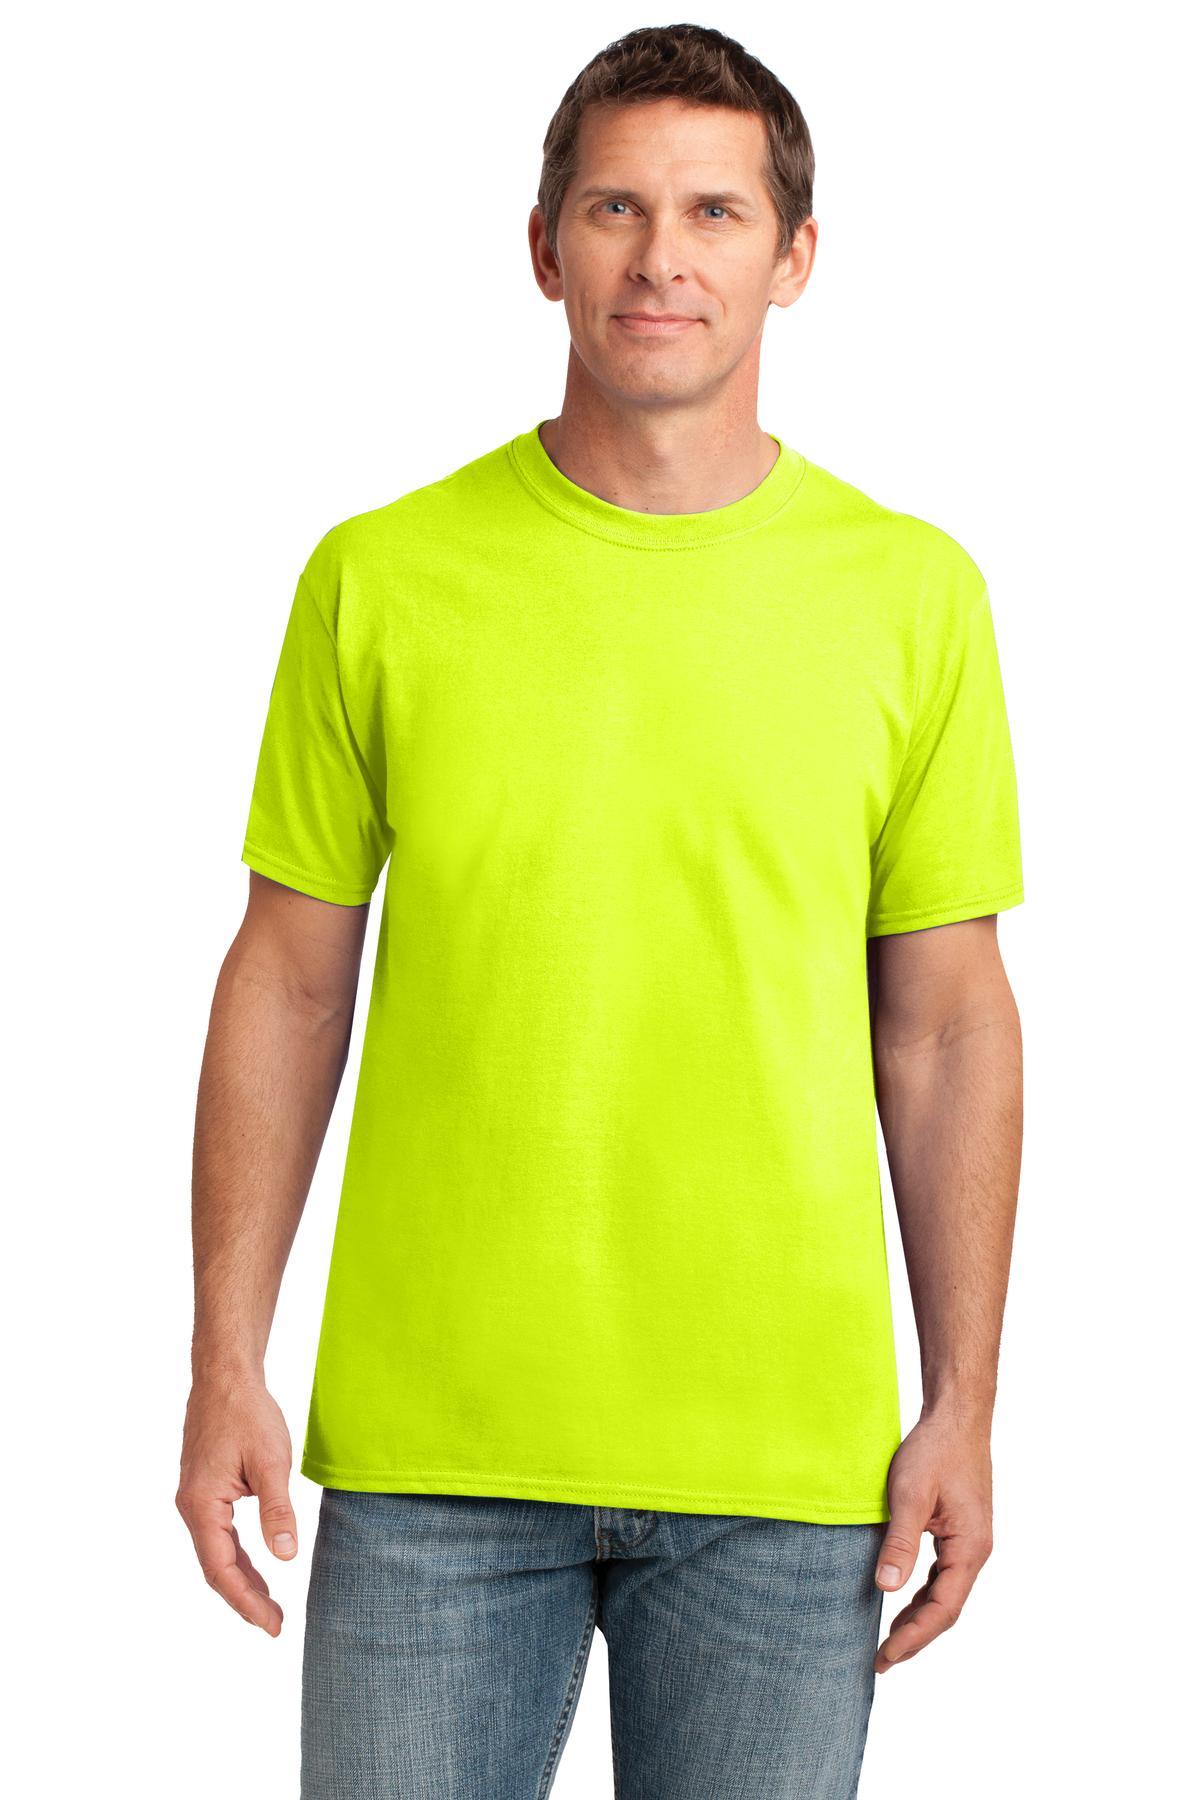 safetygreen model front